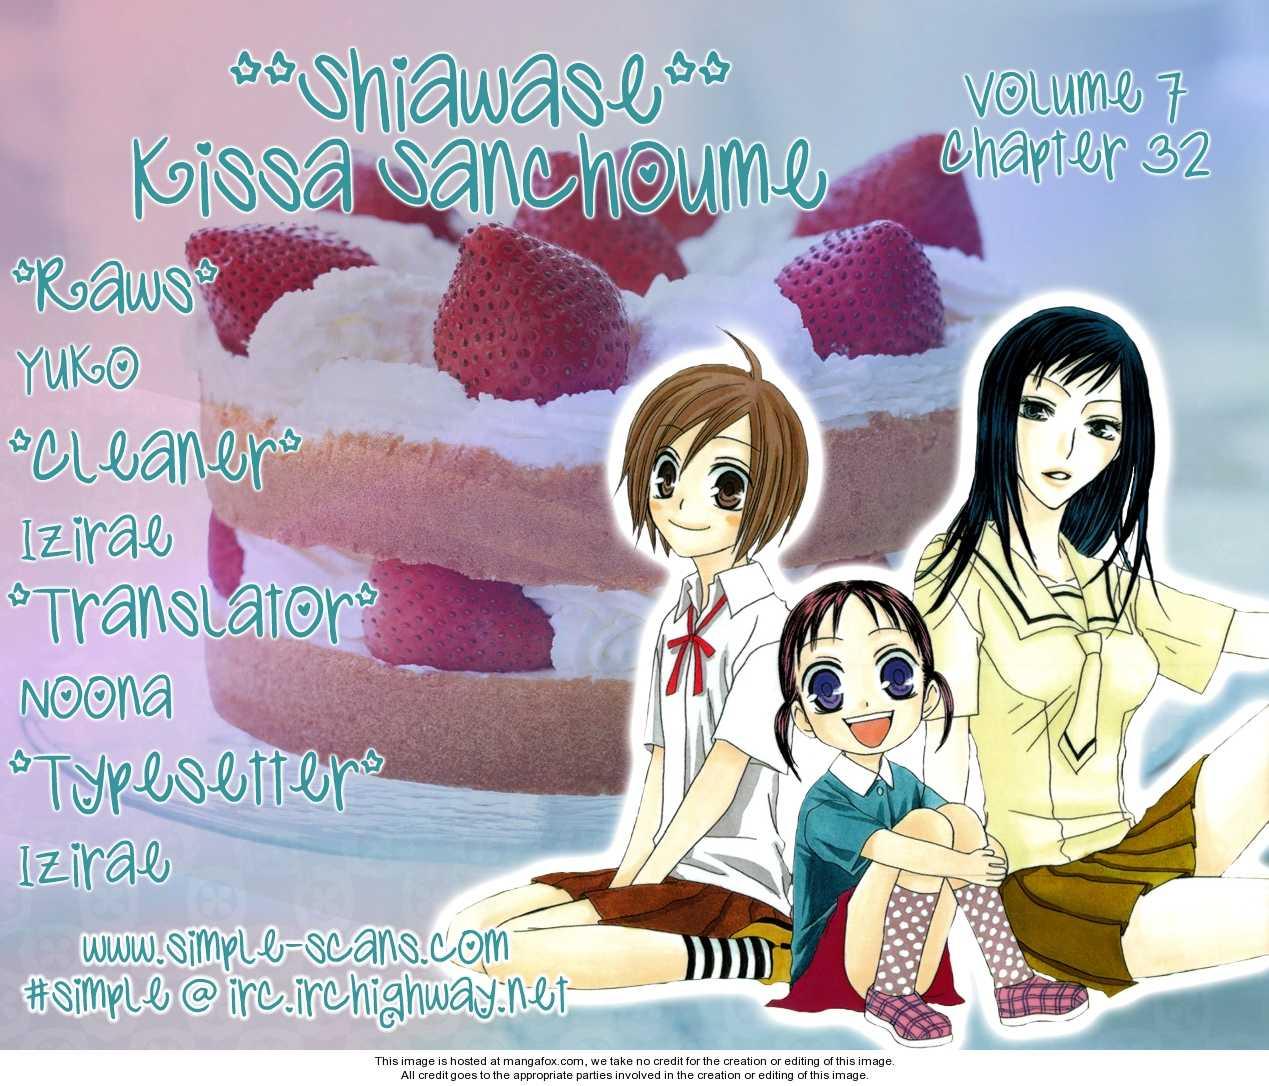 Shiawase Kissa Sanchoume 32 Page 2